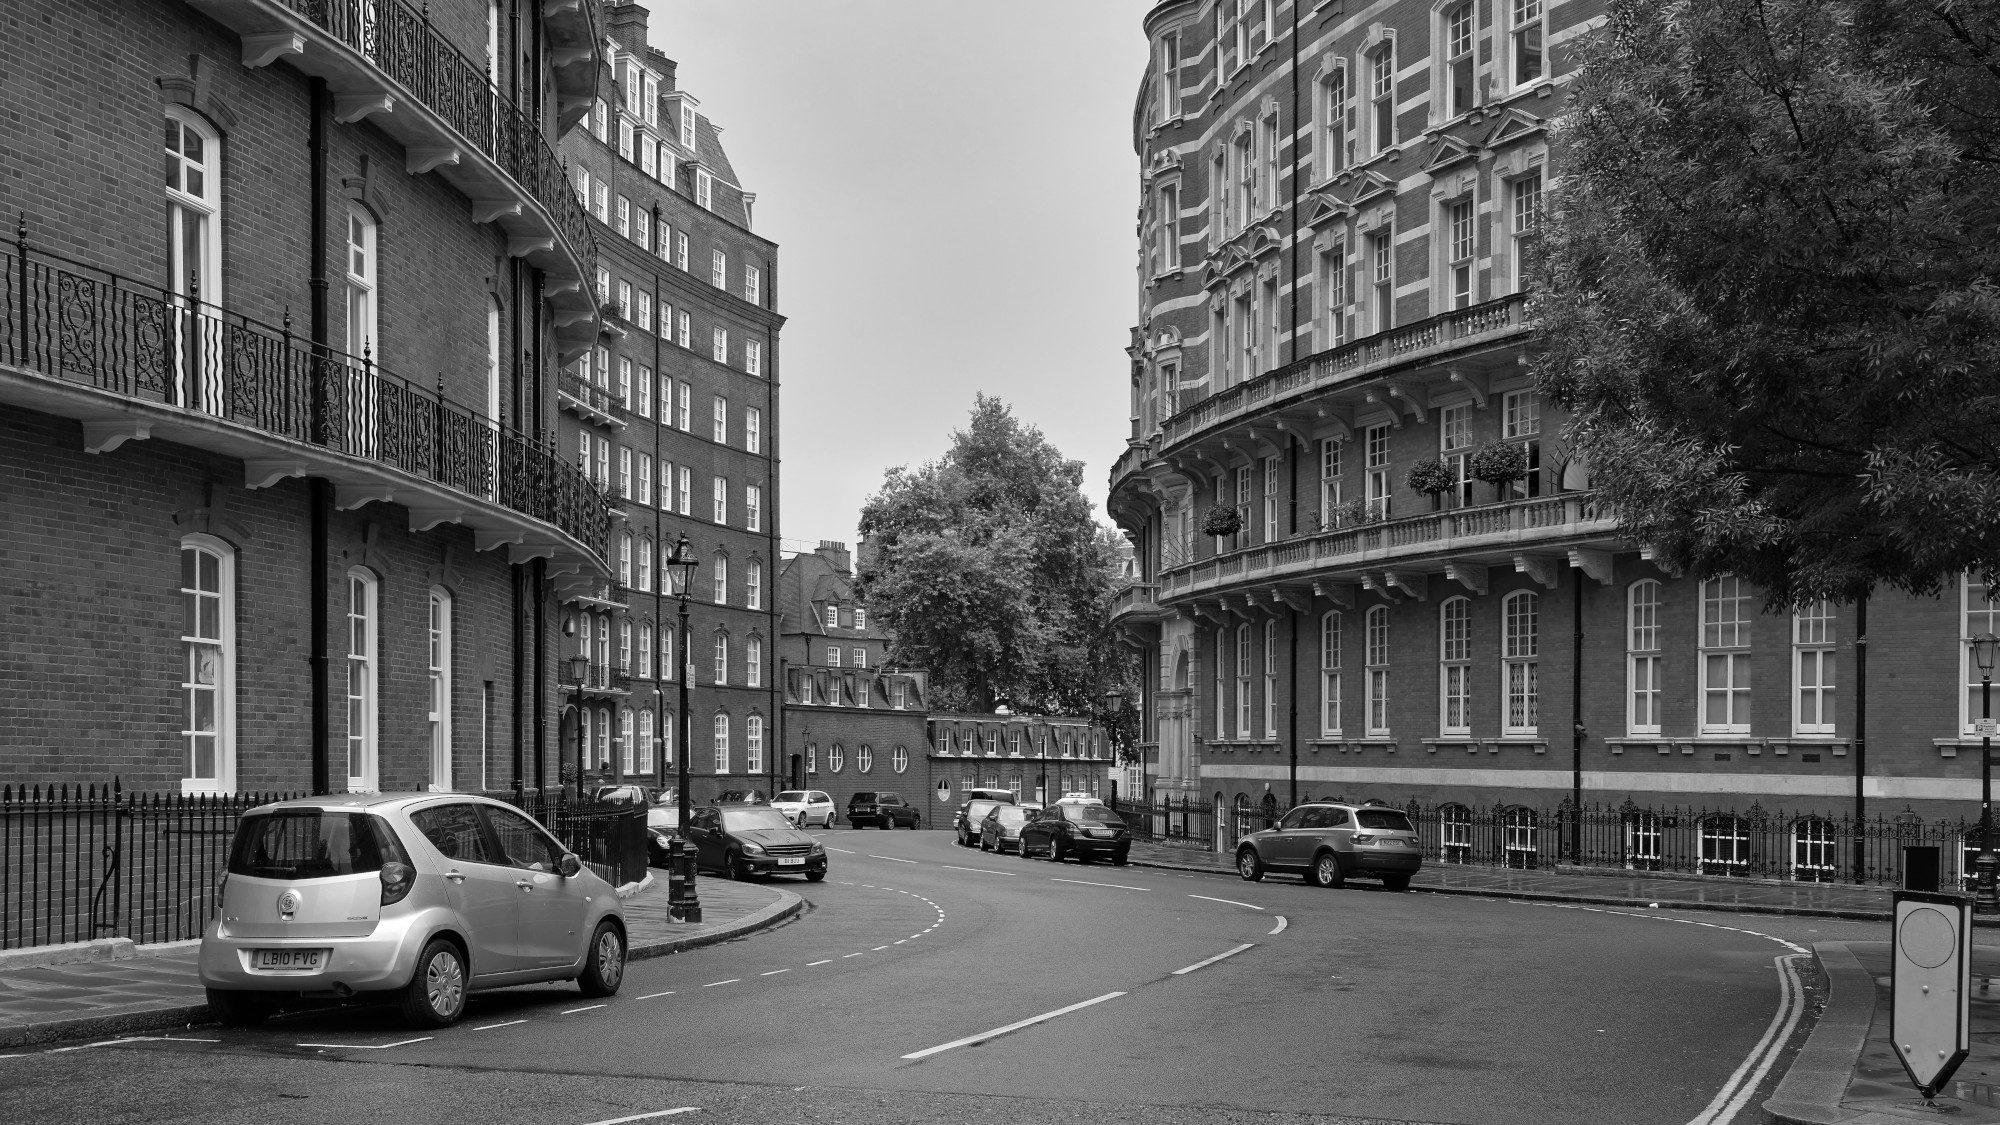 【英国房产新闻】伦敦的租金仍在下降-房地产通知